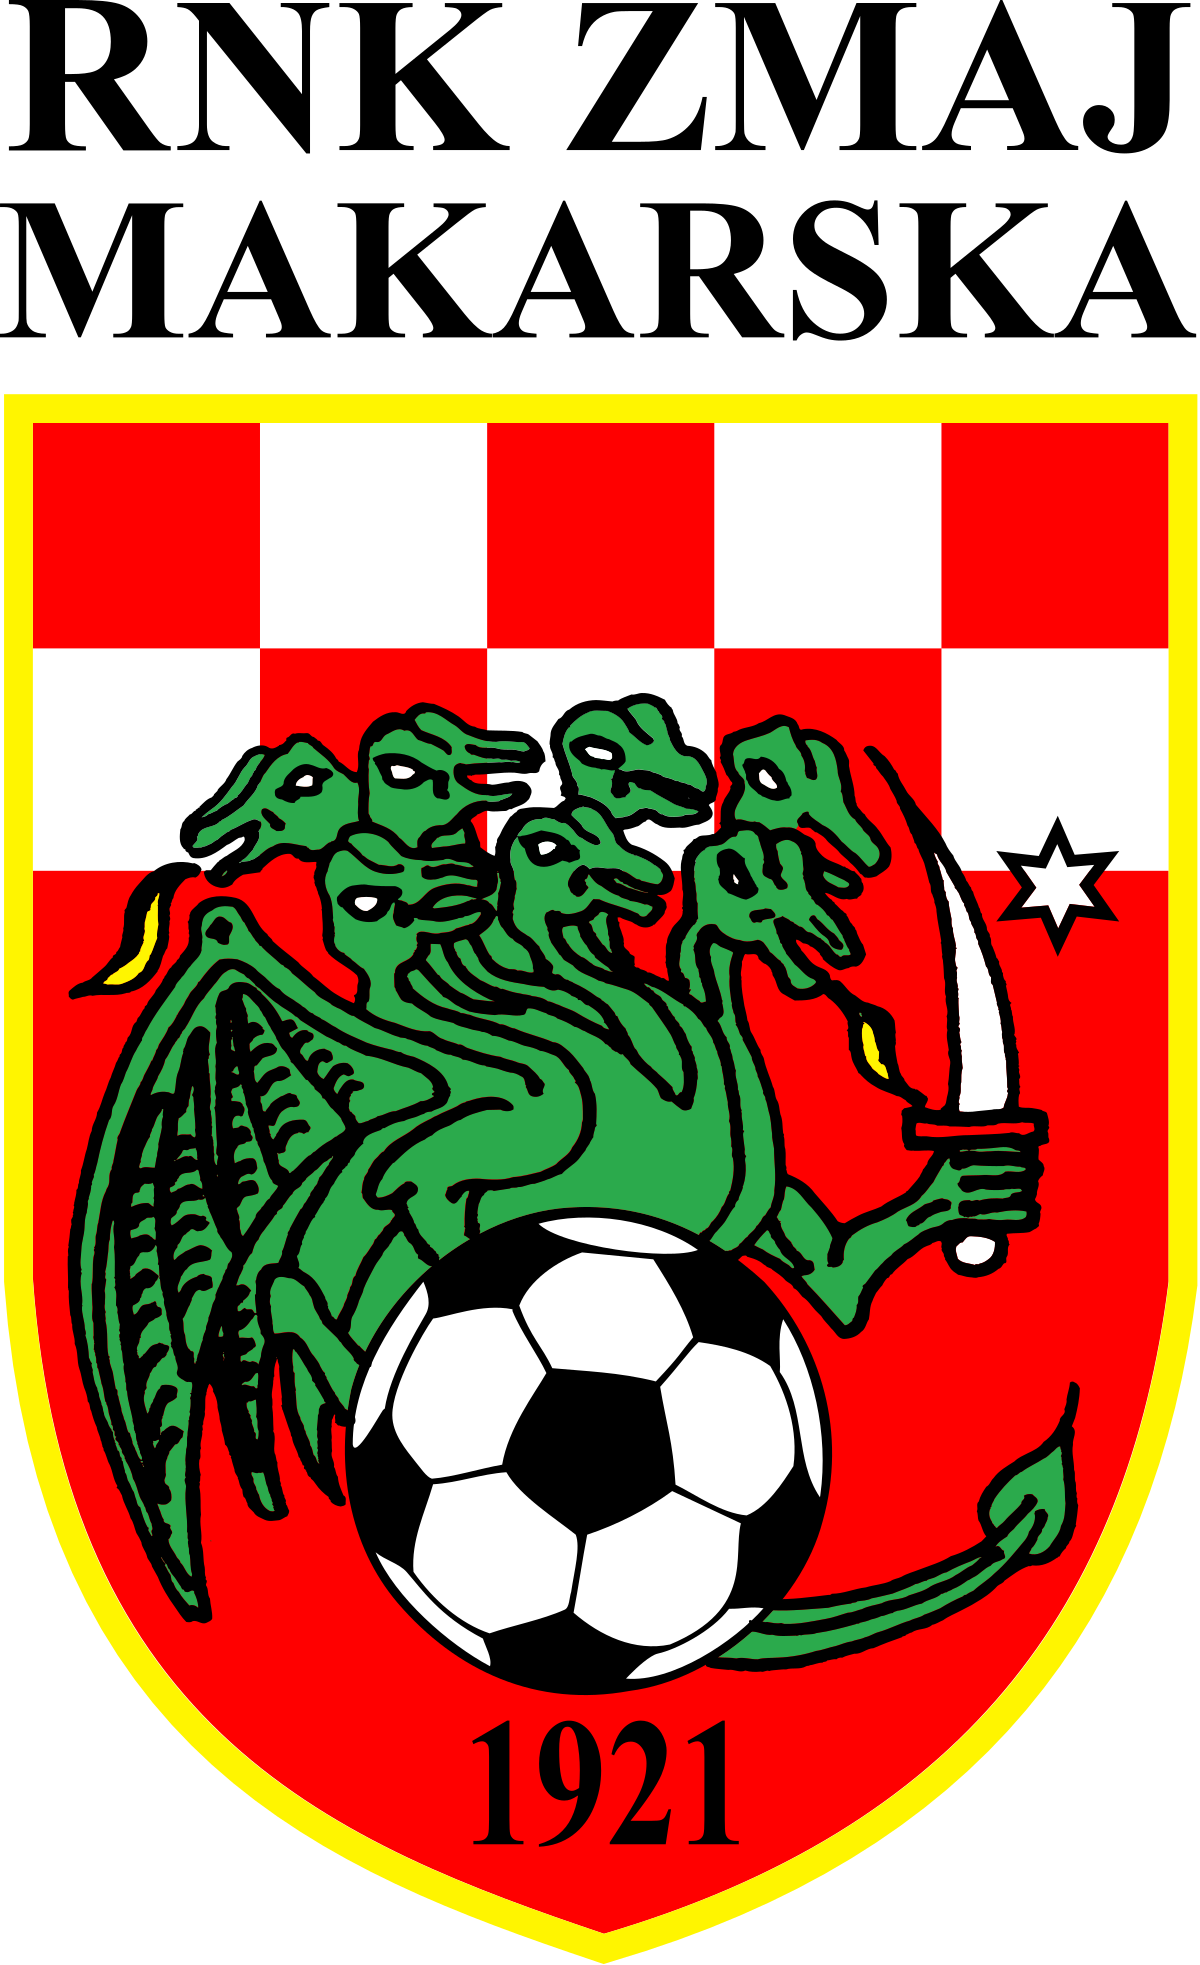 RNK Zmaj Makarska